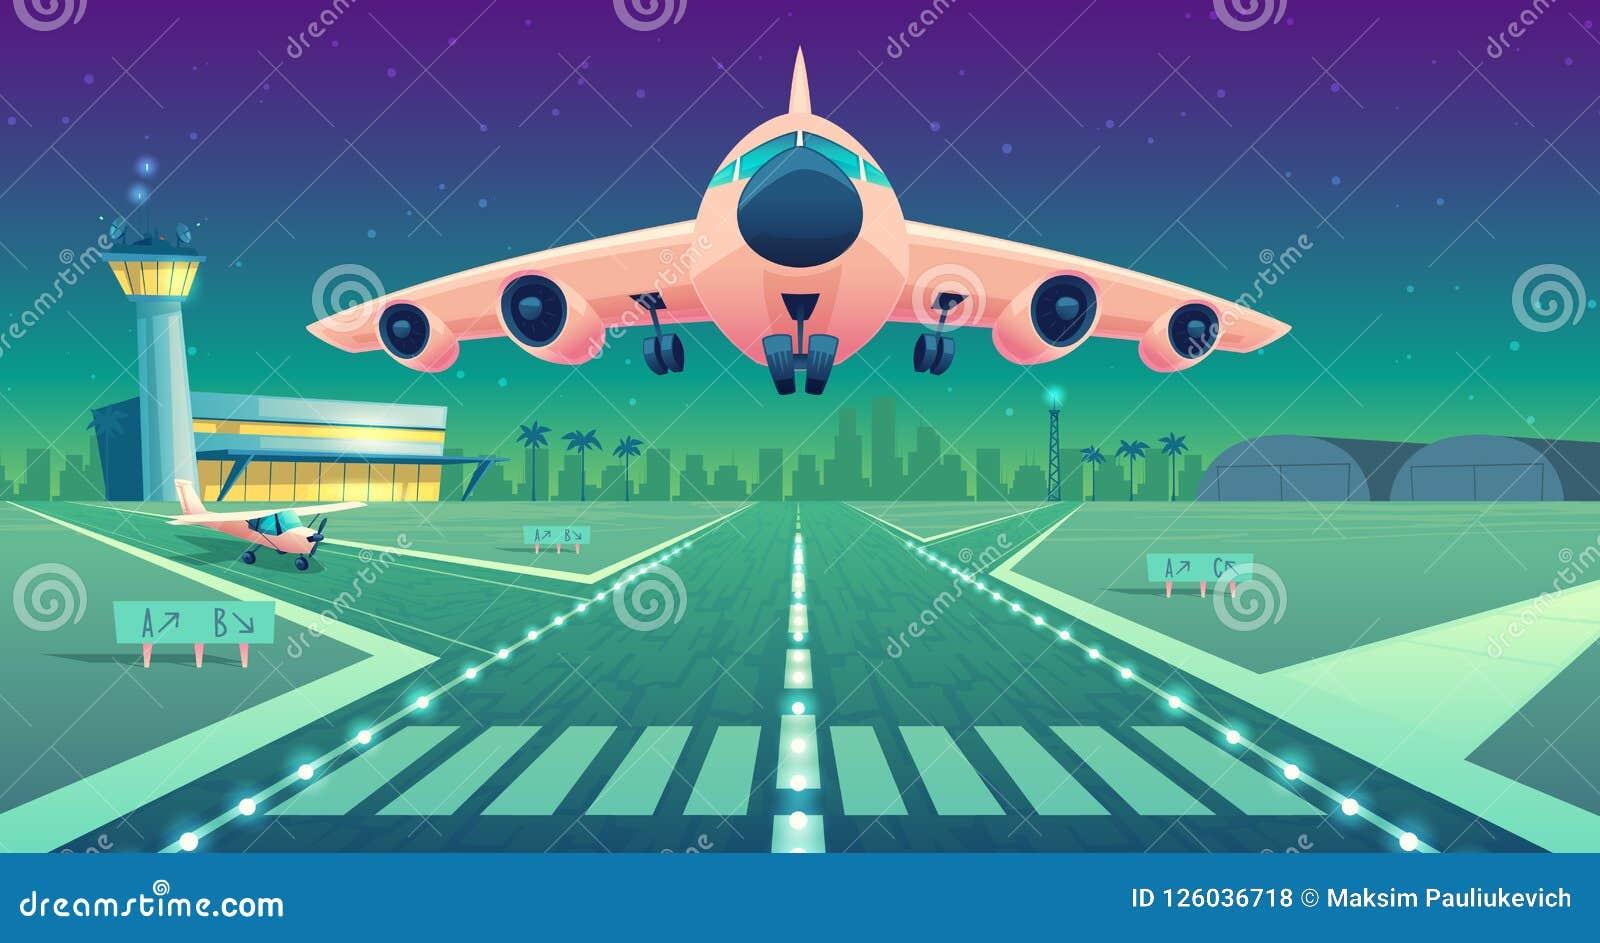 Vectorbeeldverhaal wit lijnvliegtuig, straal over baan